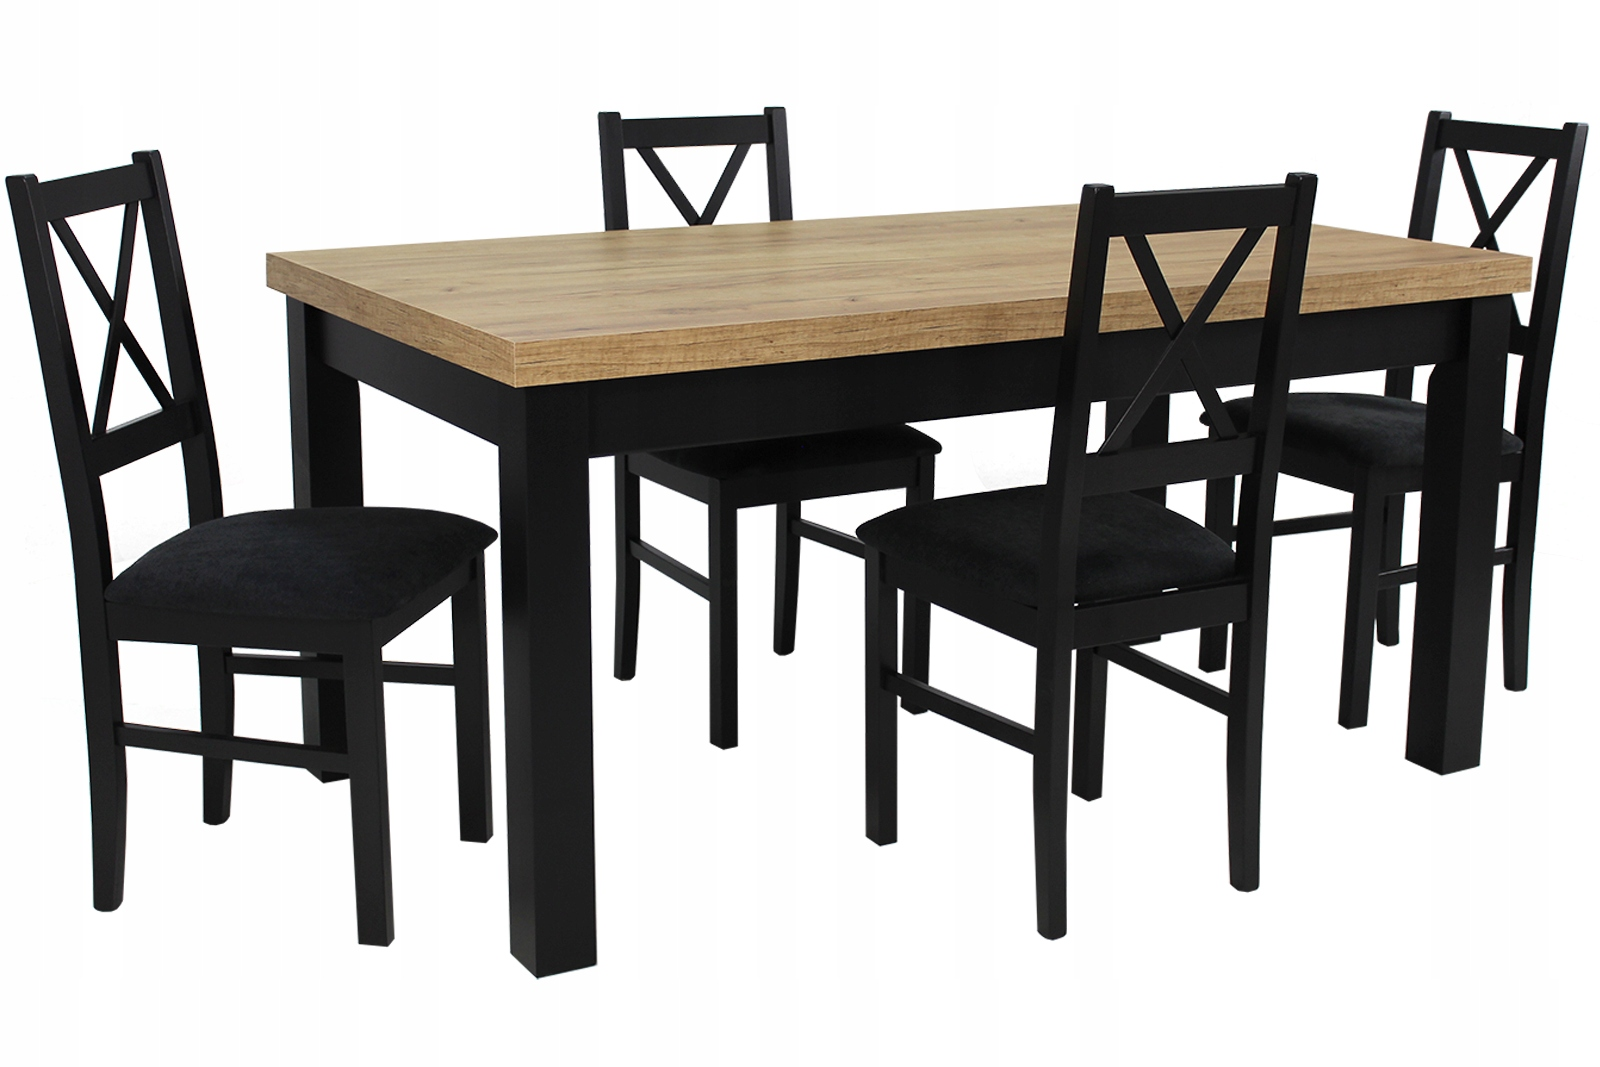 ZESTAW W STYLU LOFT Stół rozkładany z 4 krzesłami